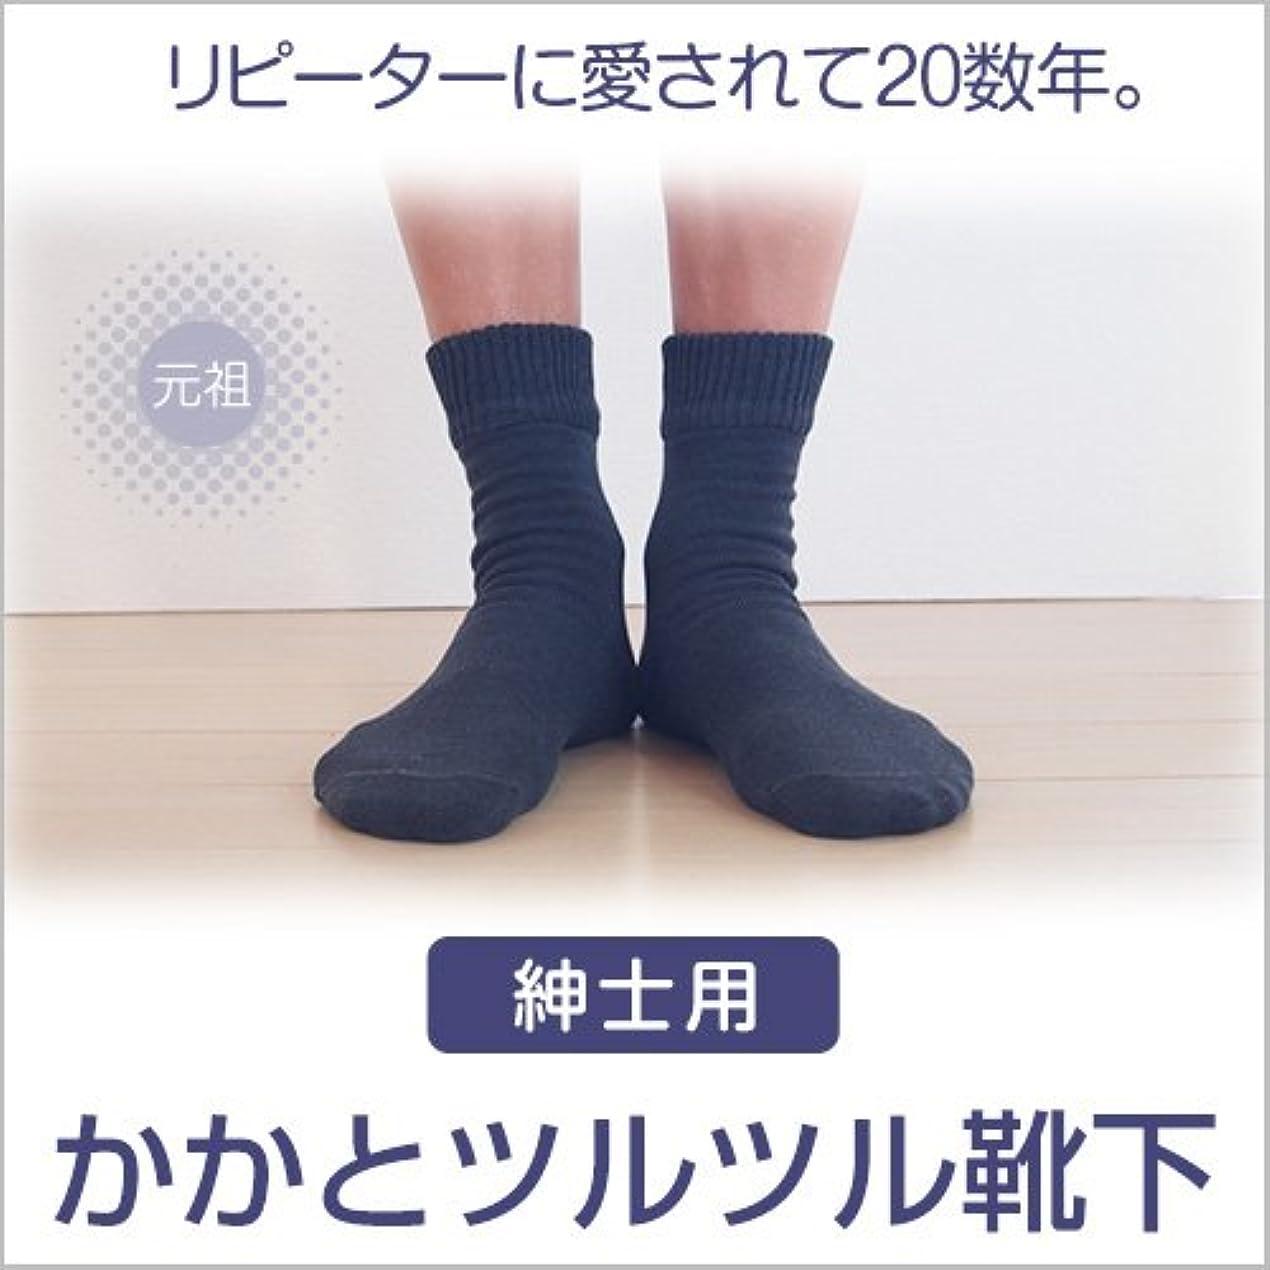 自慢ライラック化学男性用 かかと ツルツル 靴下 ブラック 24-26cm 角質 ケア ひび割れ対策 太陽ニット 700